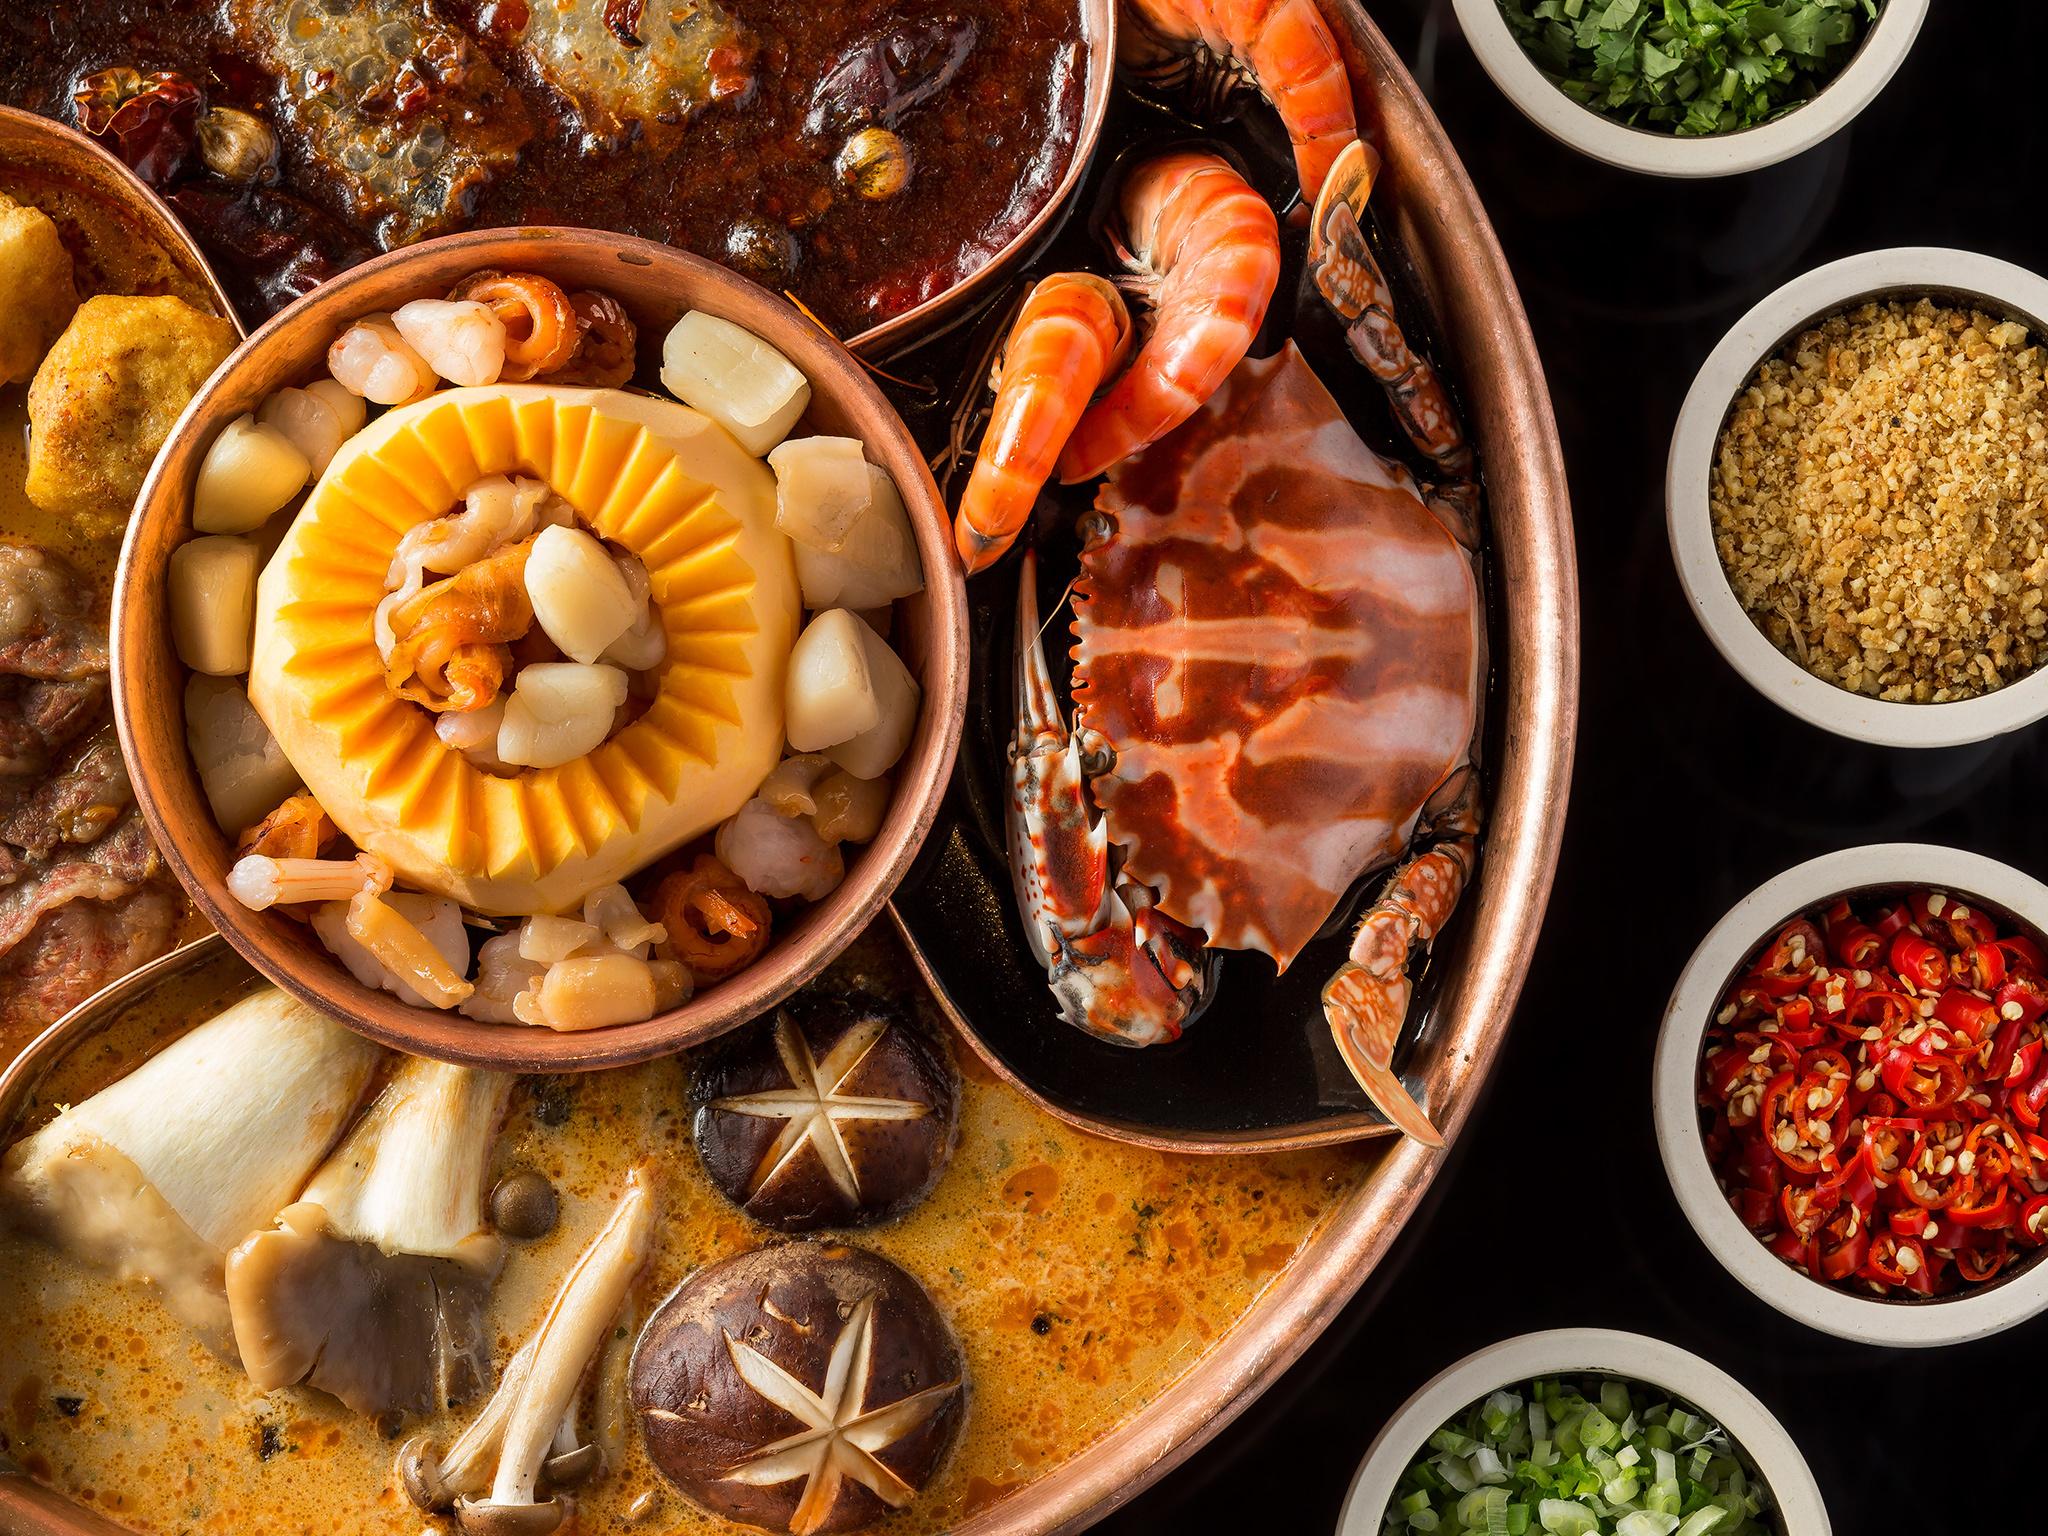 Hong Kong's best hotpot restaurants